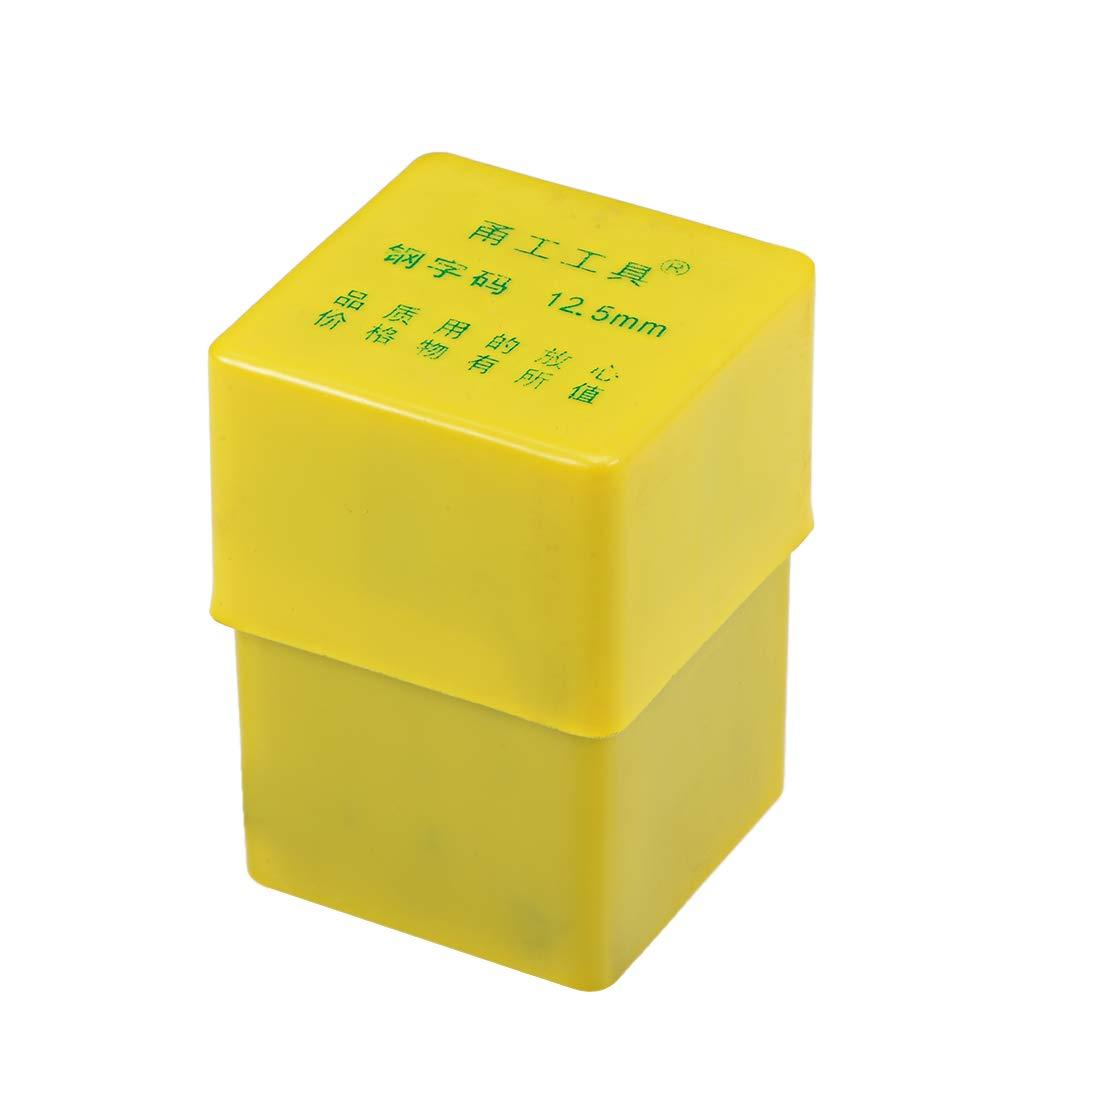 Conjunto de punzones de sello de letras y n/úmeros de 36 piezas Trabajo de acero endurecido en superficies de cuero de madera y metal